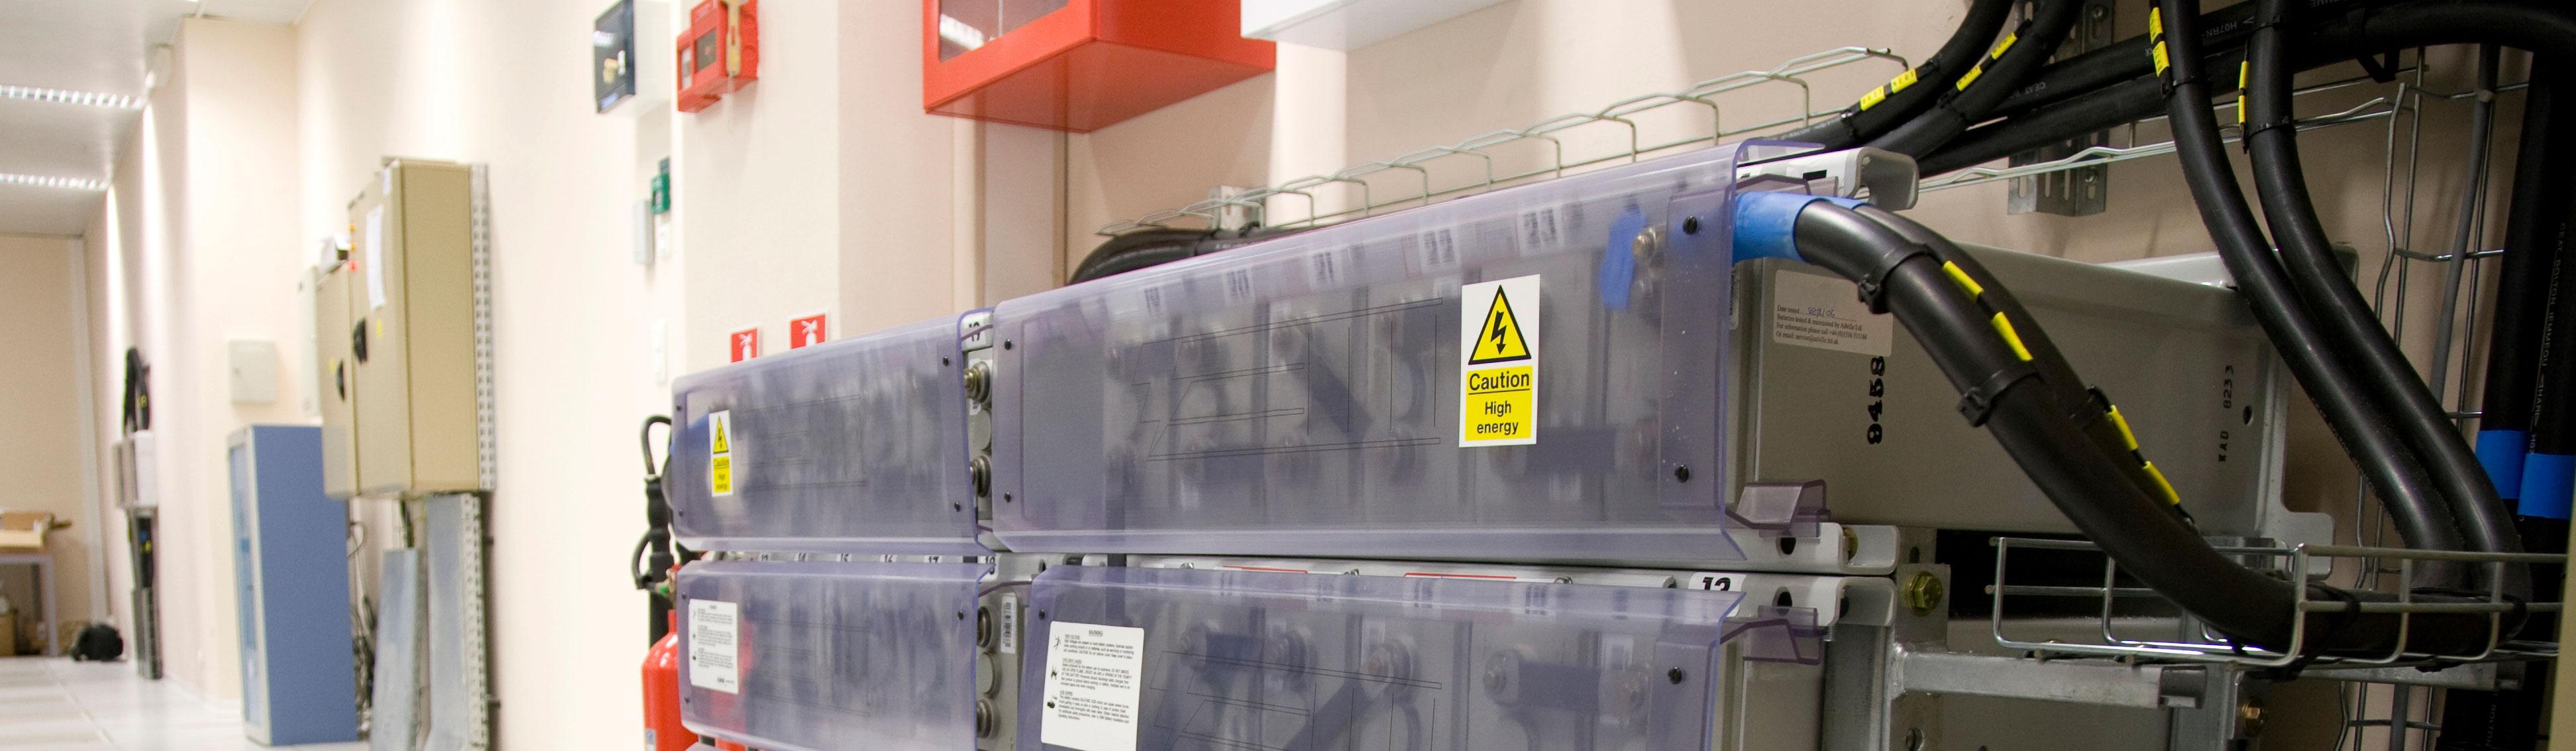 Service og overvågning af de kritiske batterier i nødstrømsforsyningen hos Norwerk